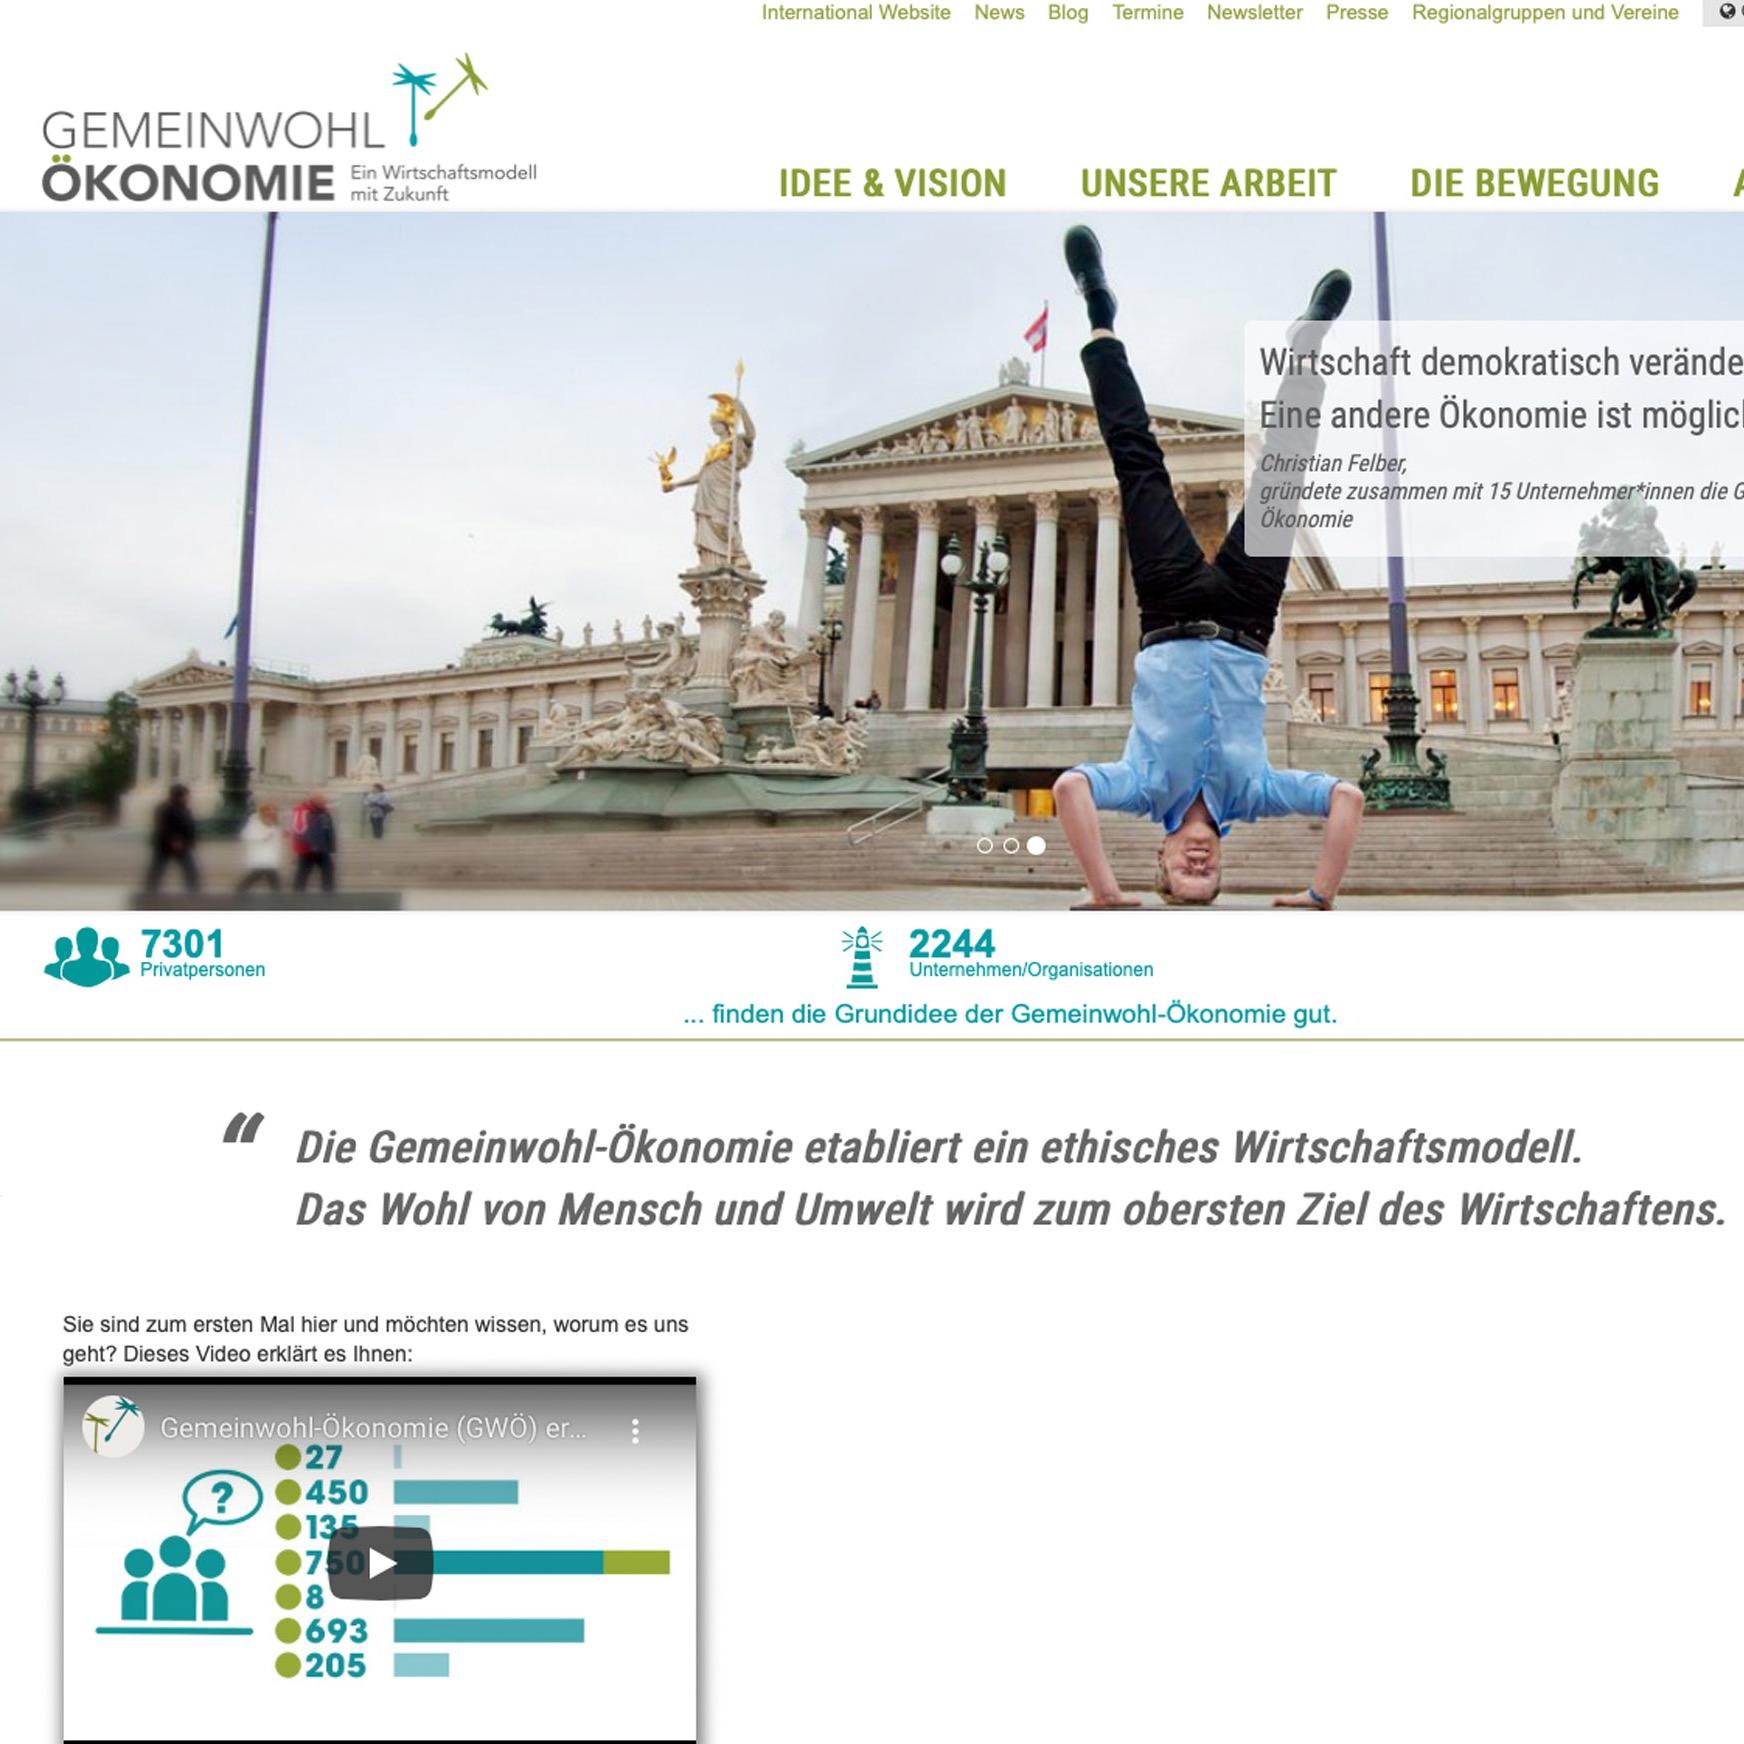 Gemeinwohl-Ökonomie   Website deutsch